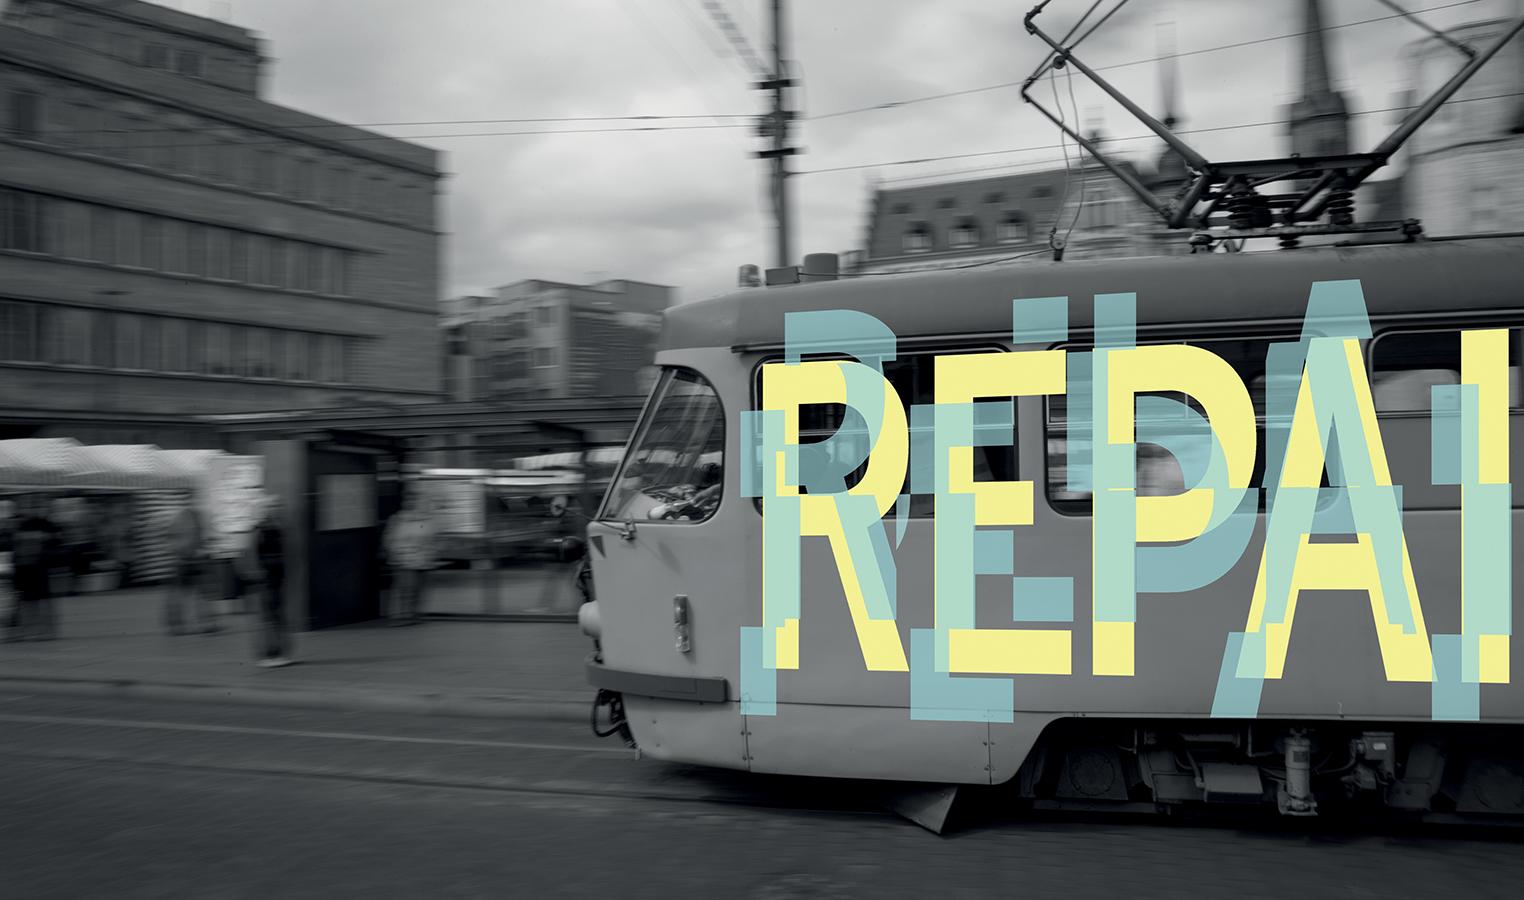 RepairTram_9